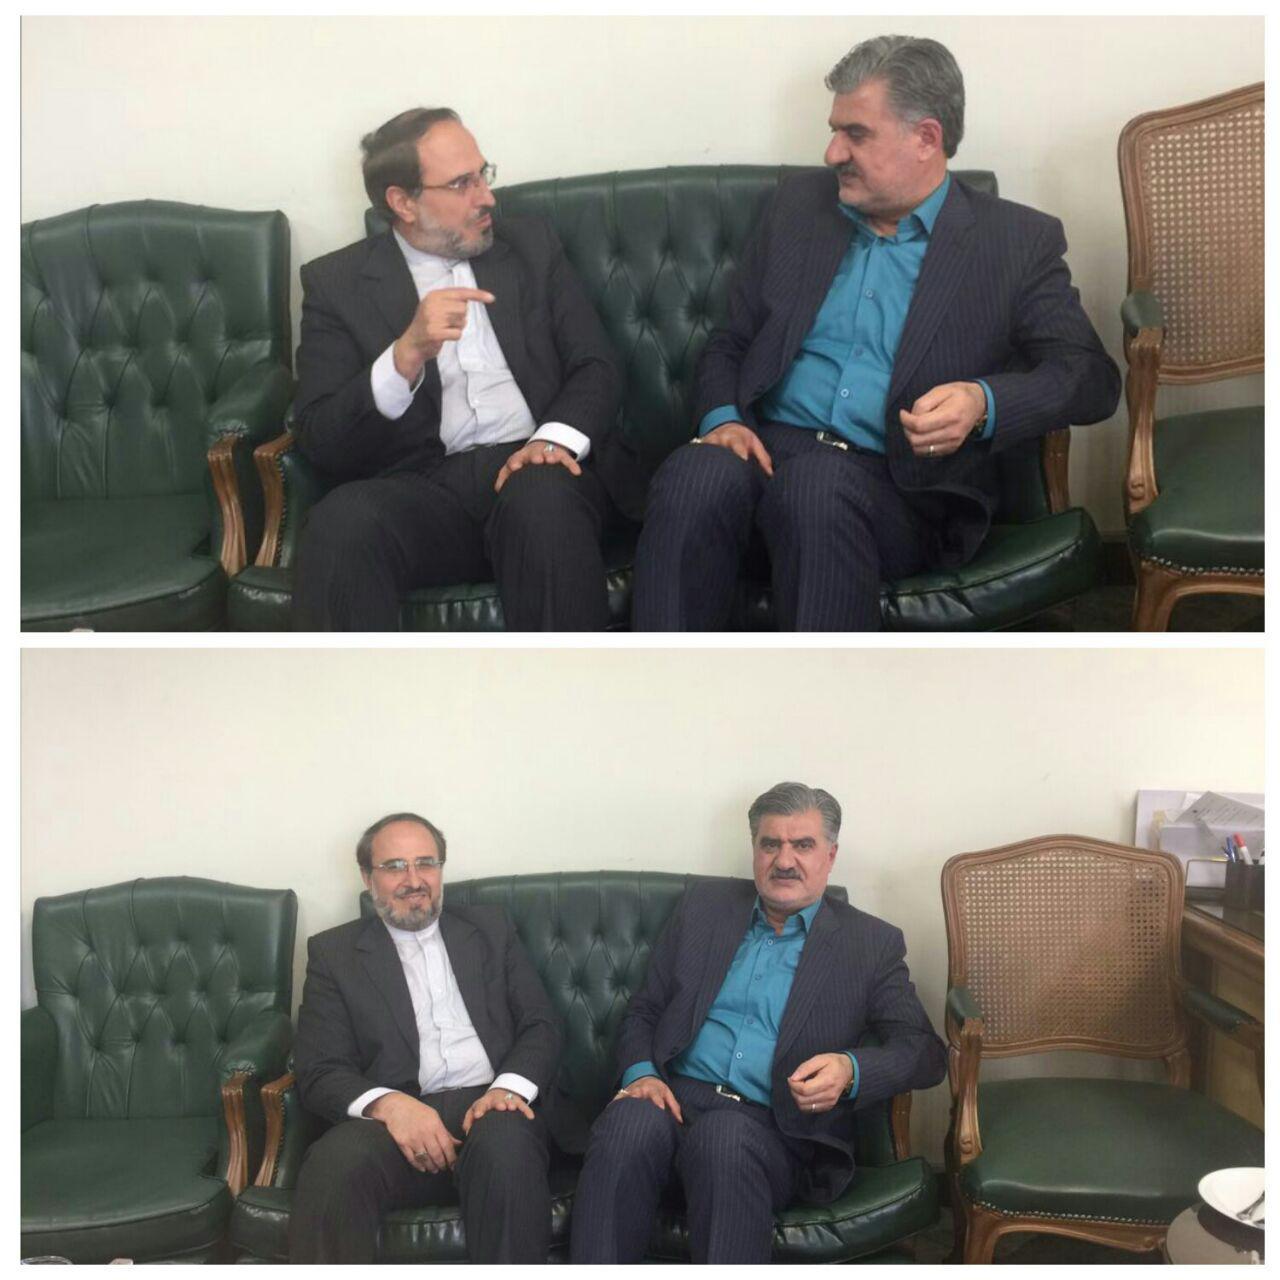 جلسه دکترعزیزى با دکتر اسلامى مدیرکل پارلمانى بانک مرکزى جمهورى اسلامى ایران درخصوص کمک به صندوق قرض الحسنه شهید فاضل شیروان.